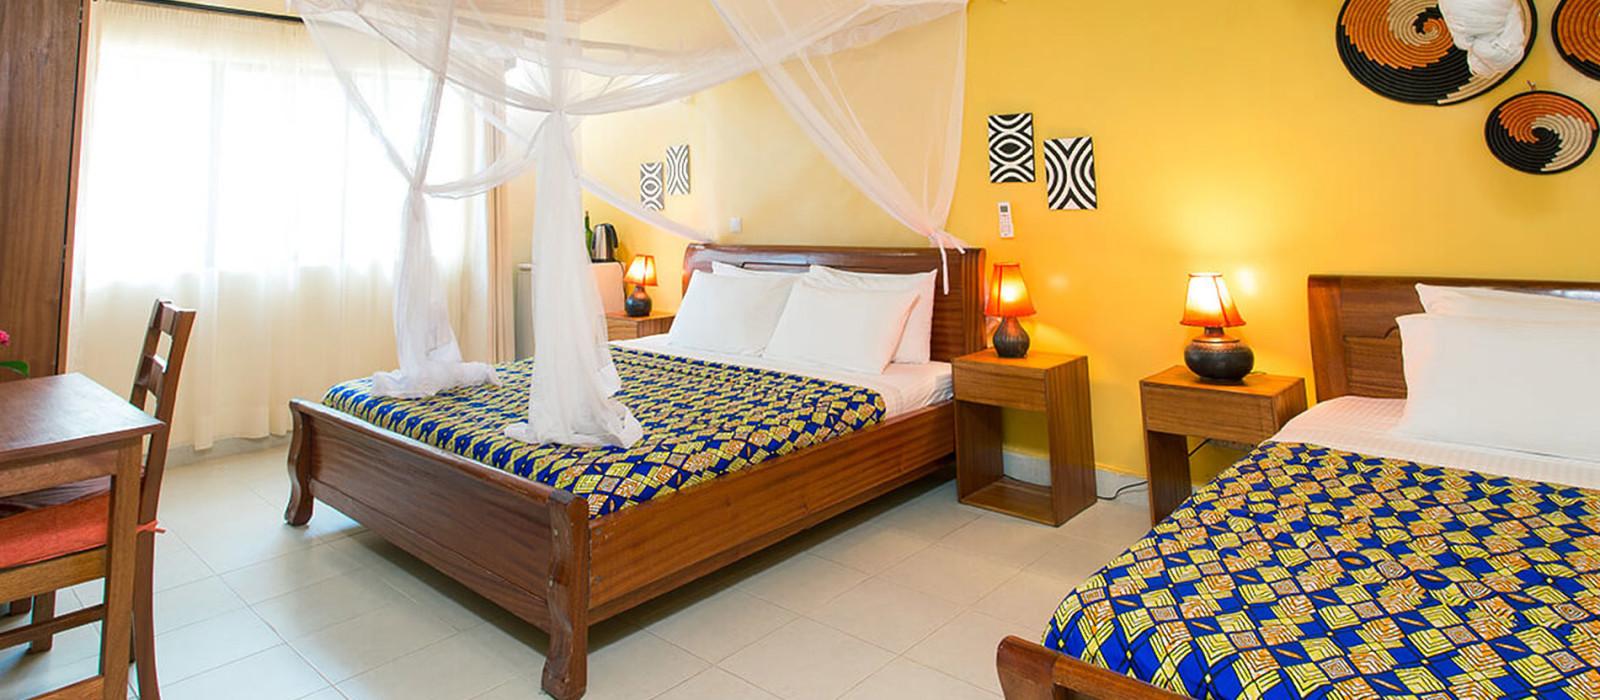 Hotel Heaven Restaurant & Boutique  Ruanda